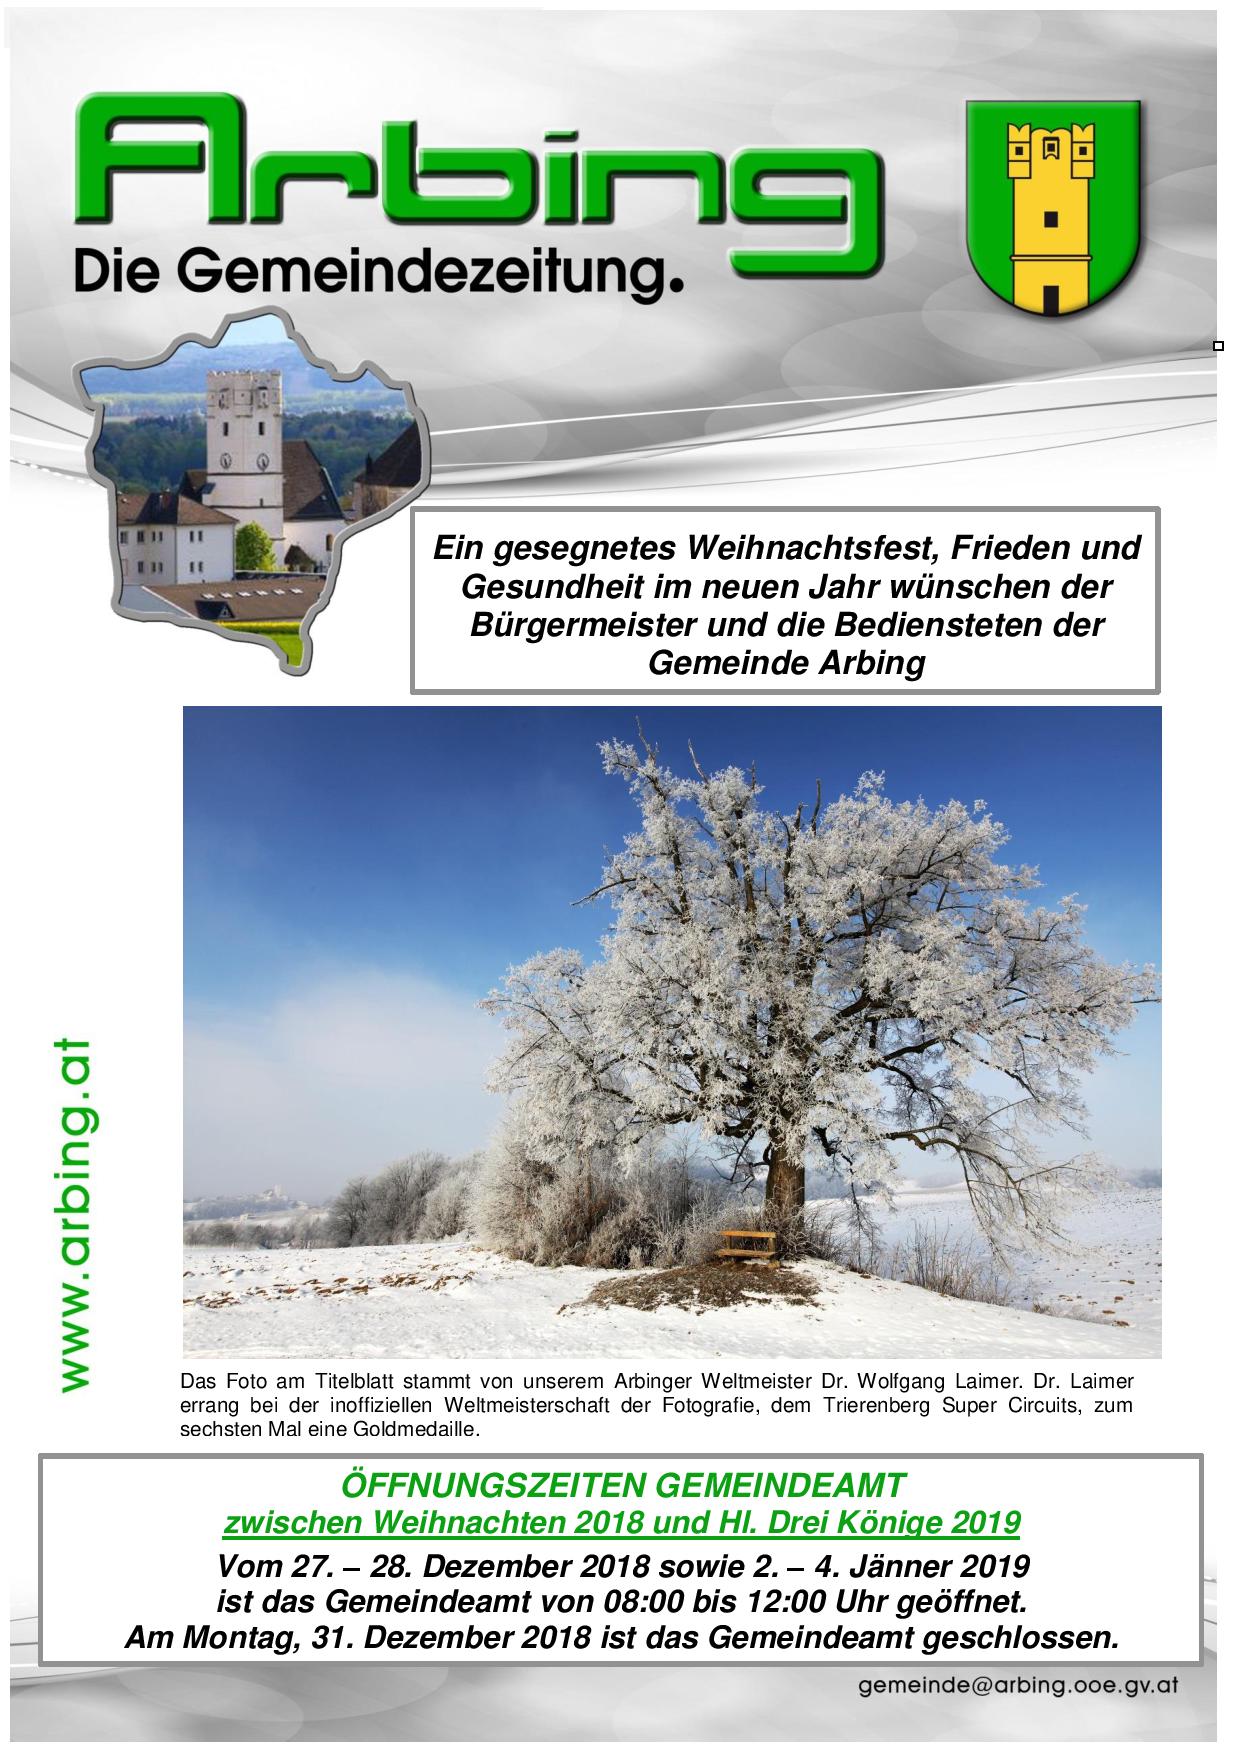 2 Mal Weihnachten 2019.Die Gemeindezeitung Nr 7 2018 Weihnachts U Neujahrsgrüße